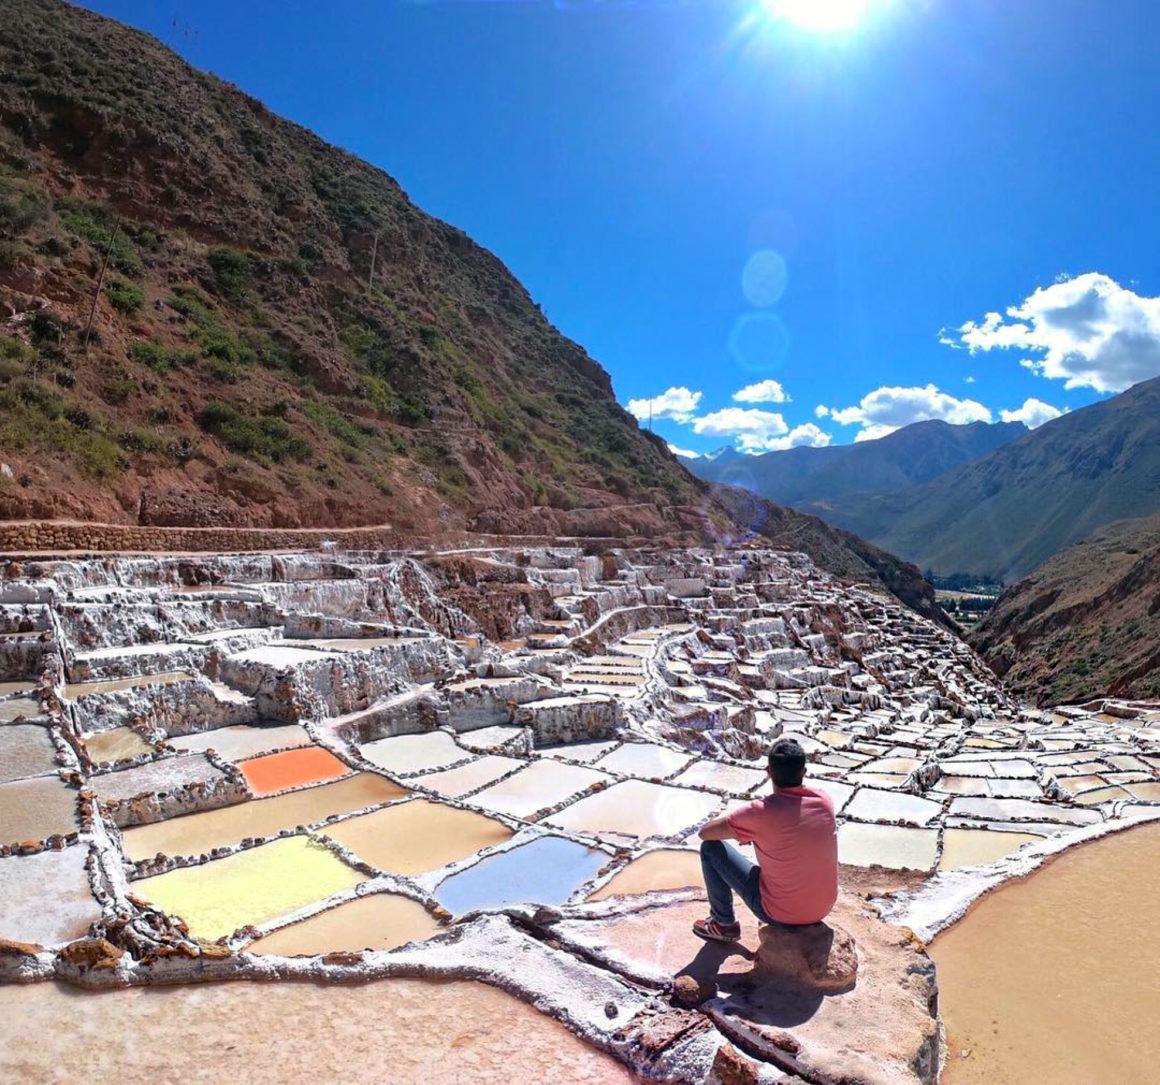 valle sagrado de los incas peru ruta por perú en dos semanas - valle sagrado de los incas peru 19 1160x1085 - Nuestra Ruta por Perú en dos semanas : Diario de Viaje a Perú